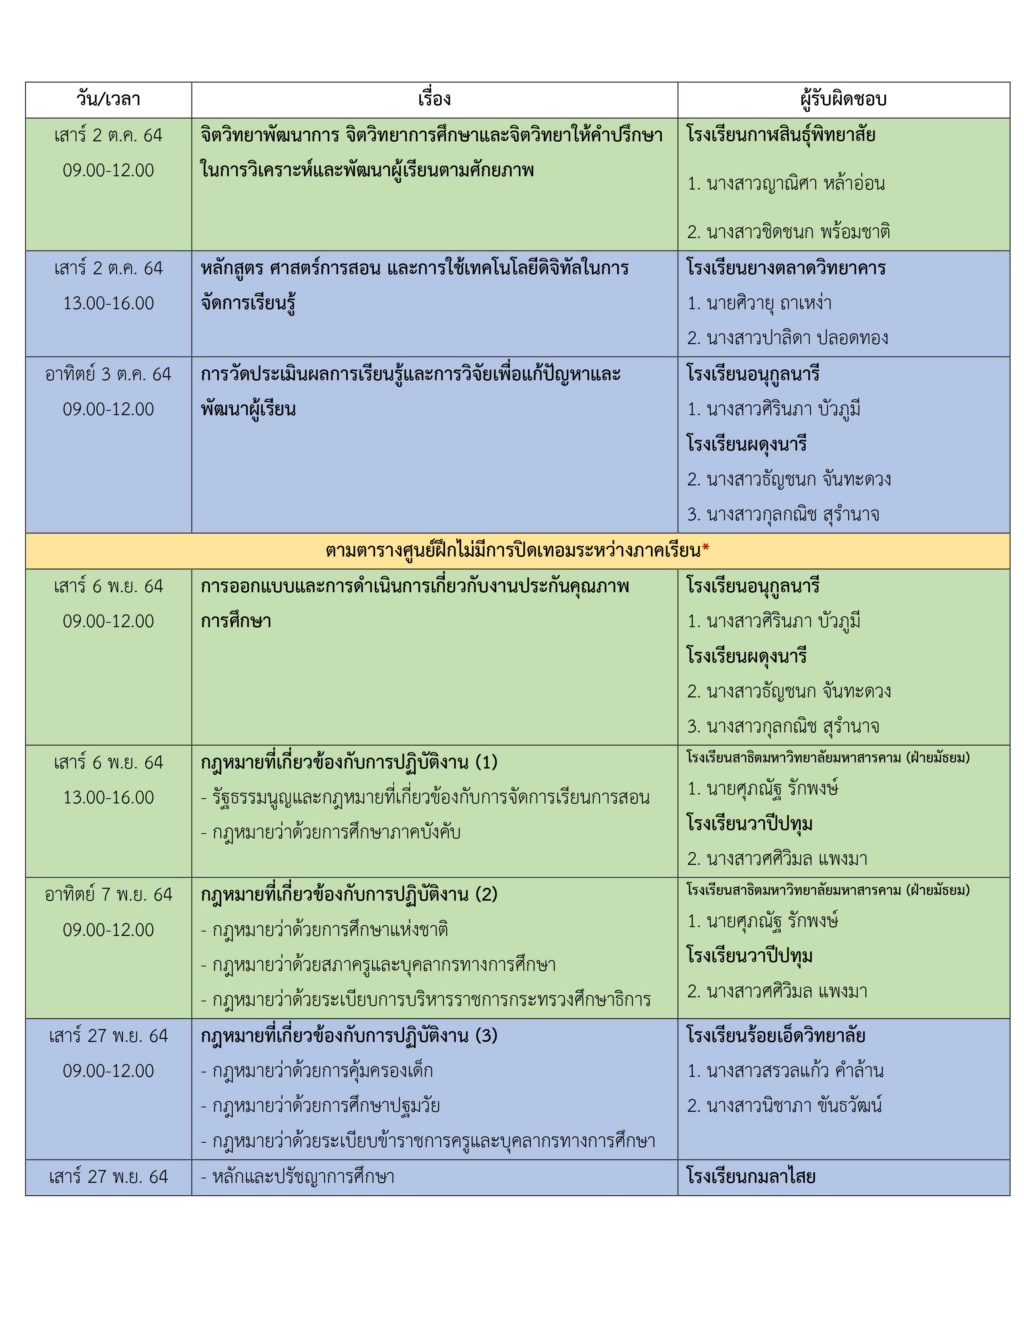 ตารางเตรียมความพร้อมสอบครูผู้ช่วย EN60 211